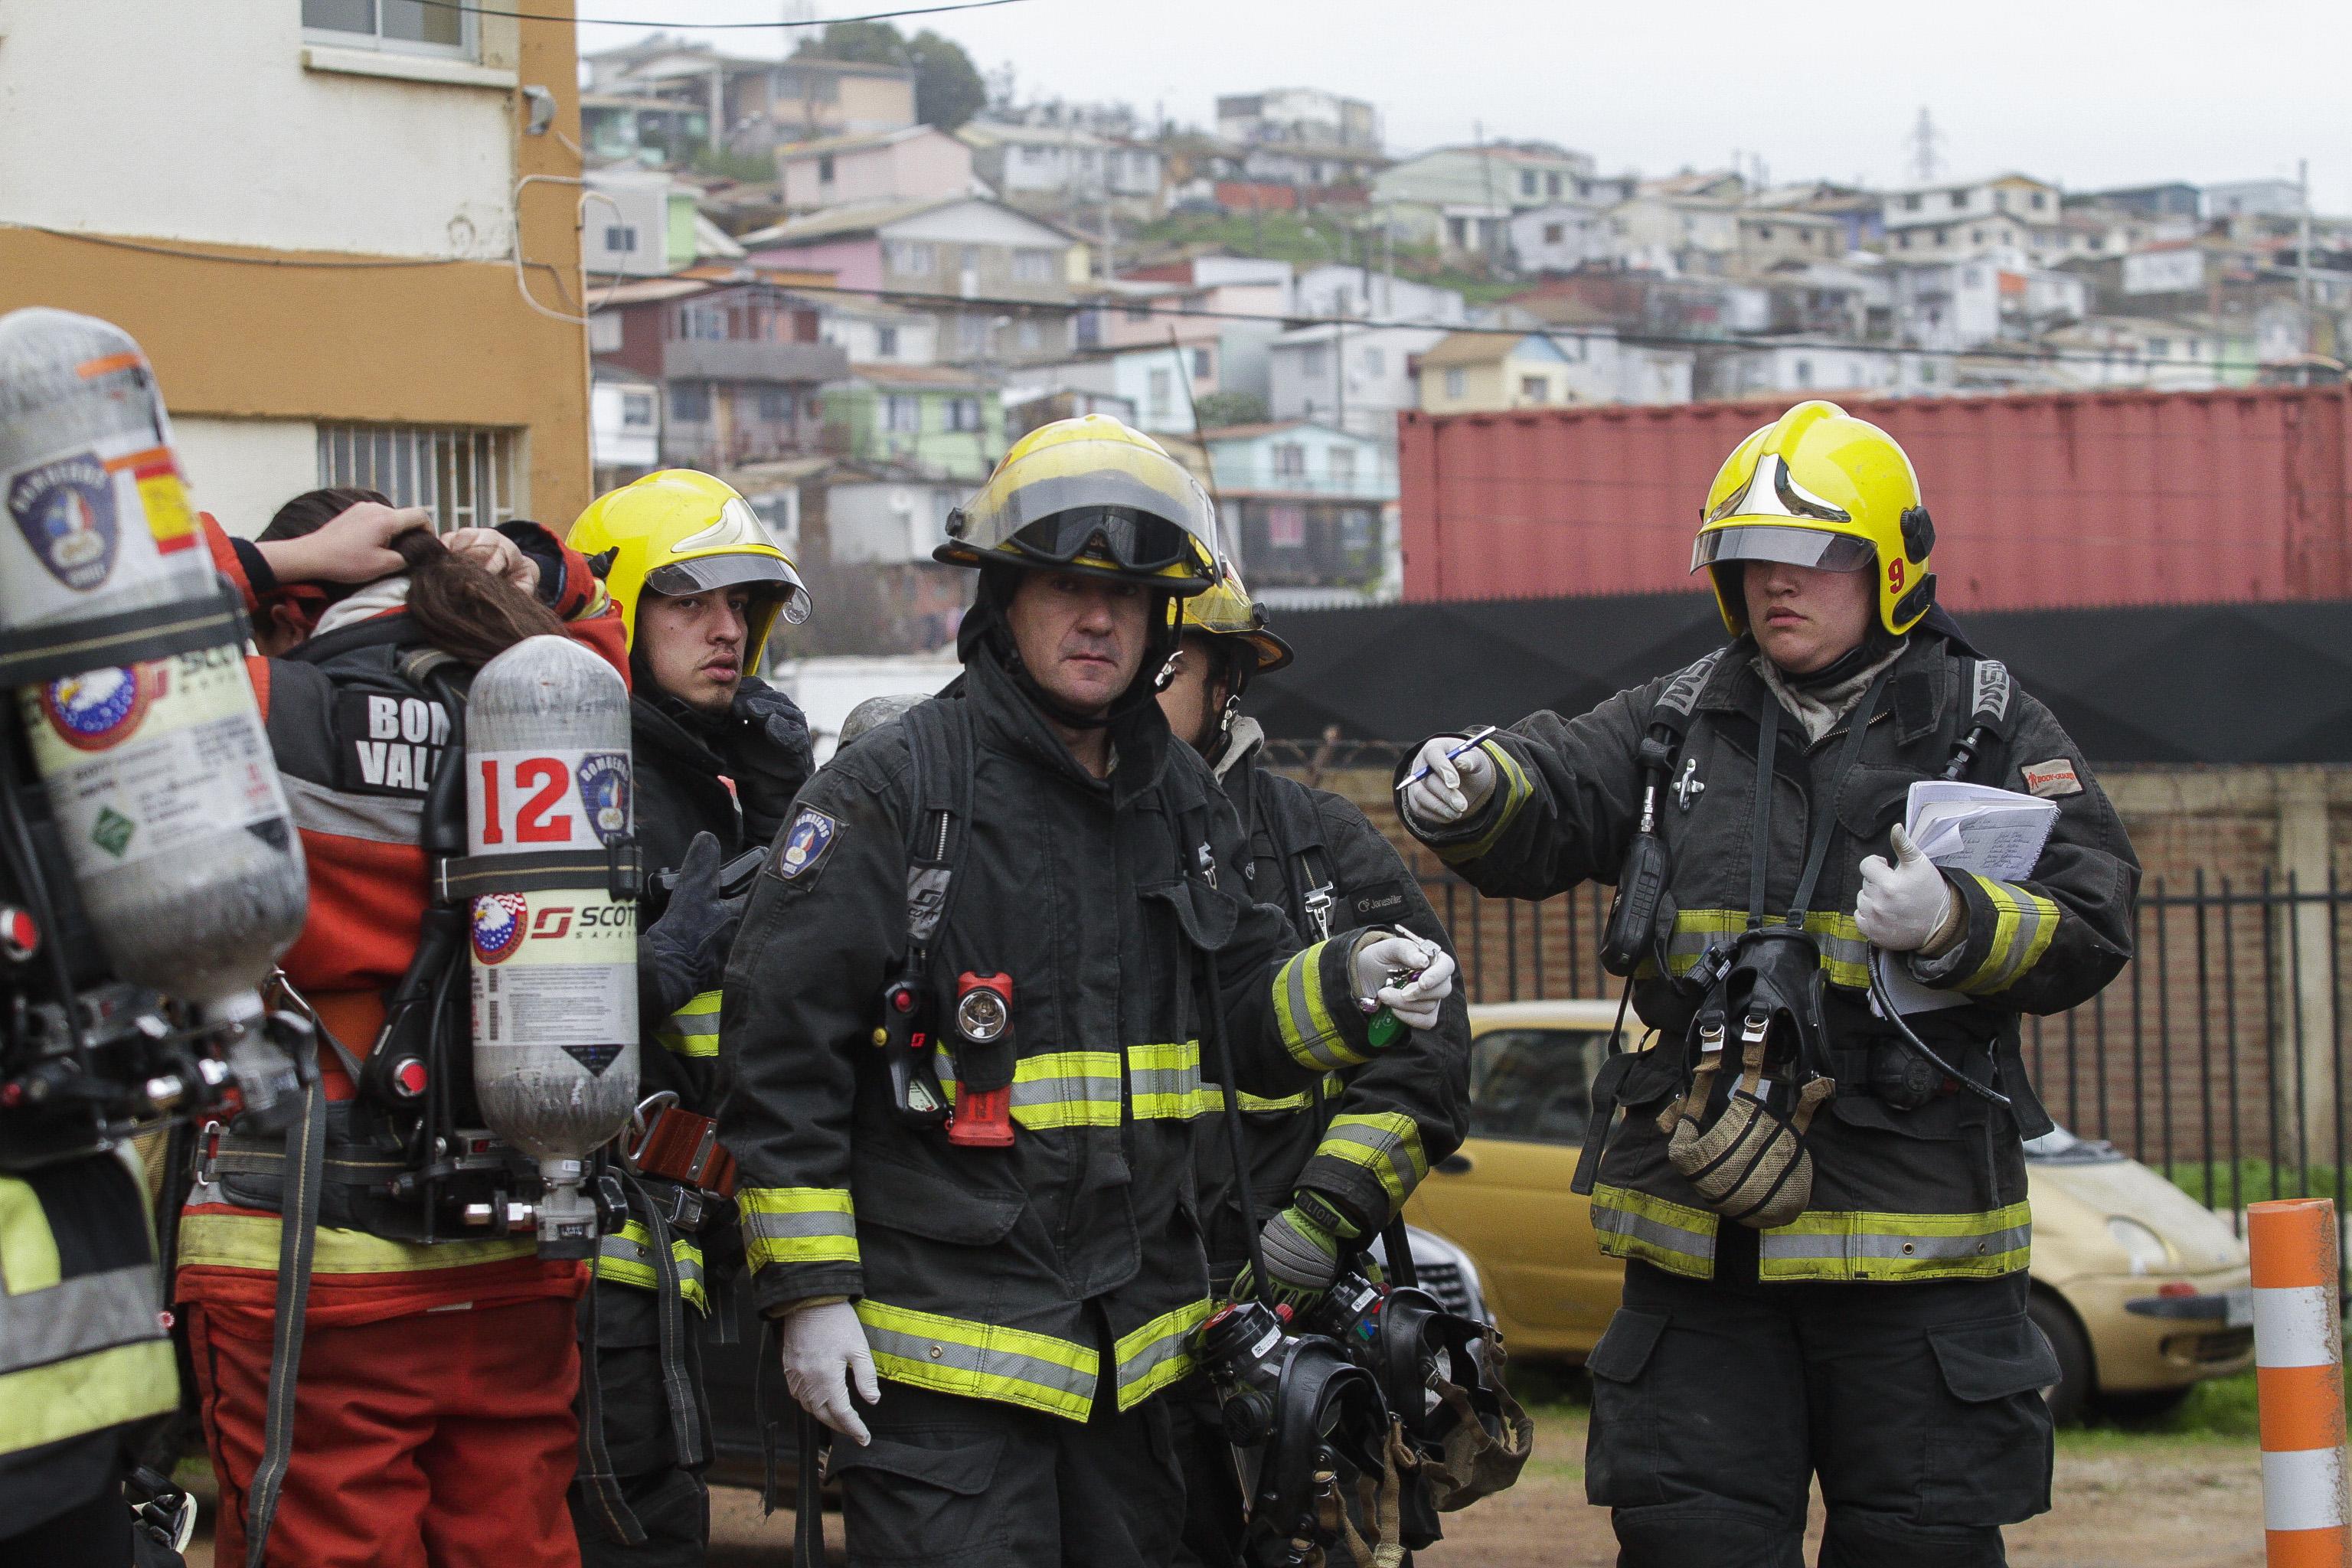 Operativo de emergencia tras muerte de funcionario de la Armada y su hijo — Playa Ancha